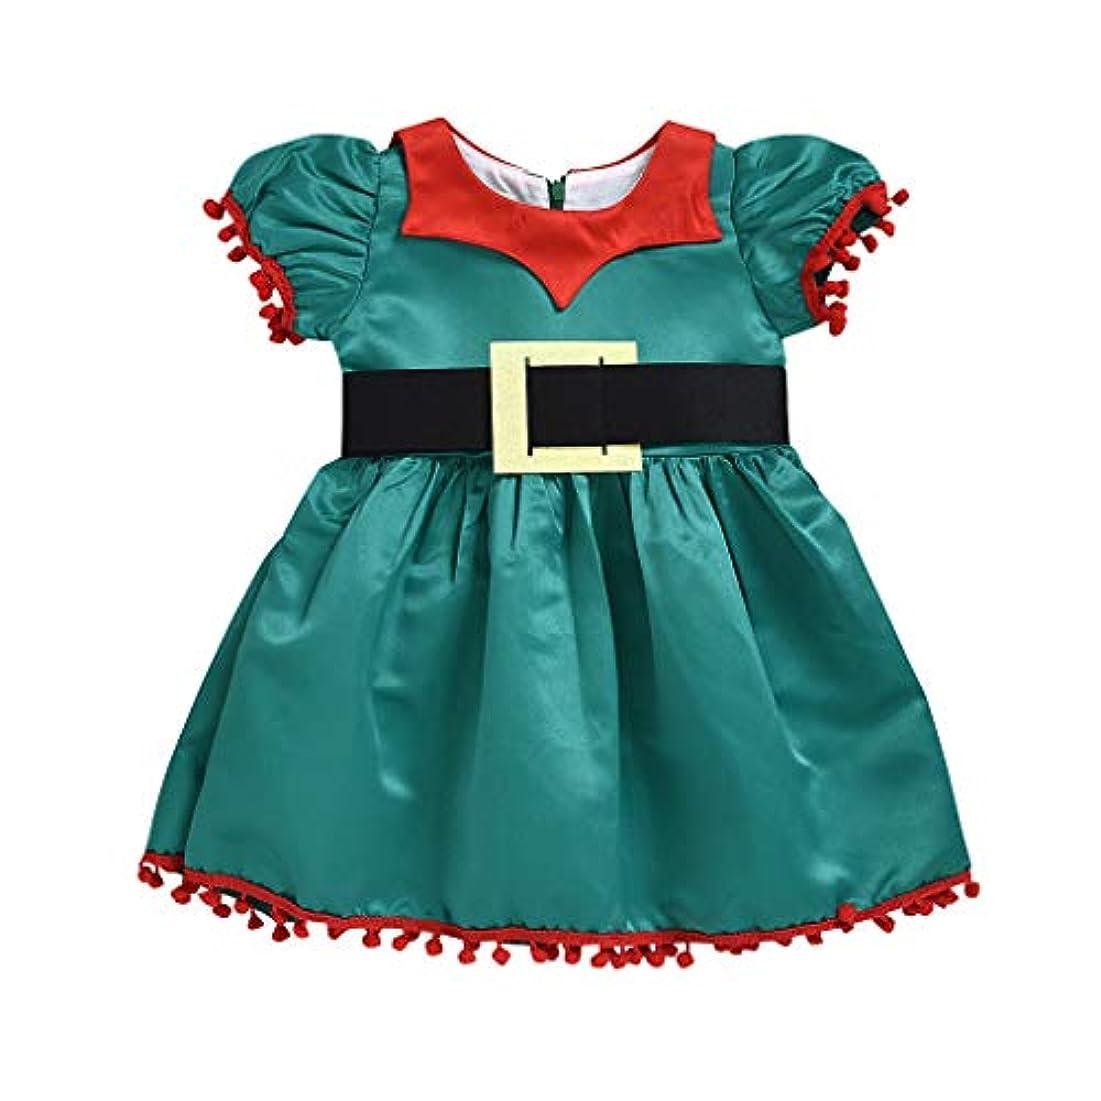 保証物理的に火薬MISFIY 子供 エルフ服 クリスマス ワンピース 女の子 コスチューム ドレス 仮装 長袖 可愛い おしゃれ カジュアル 柔らかい 誕生記念 出産祝い プレゼント (100)